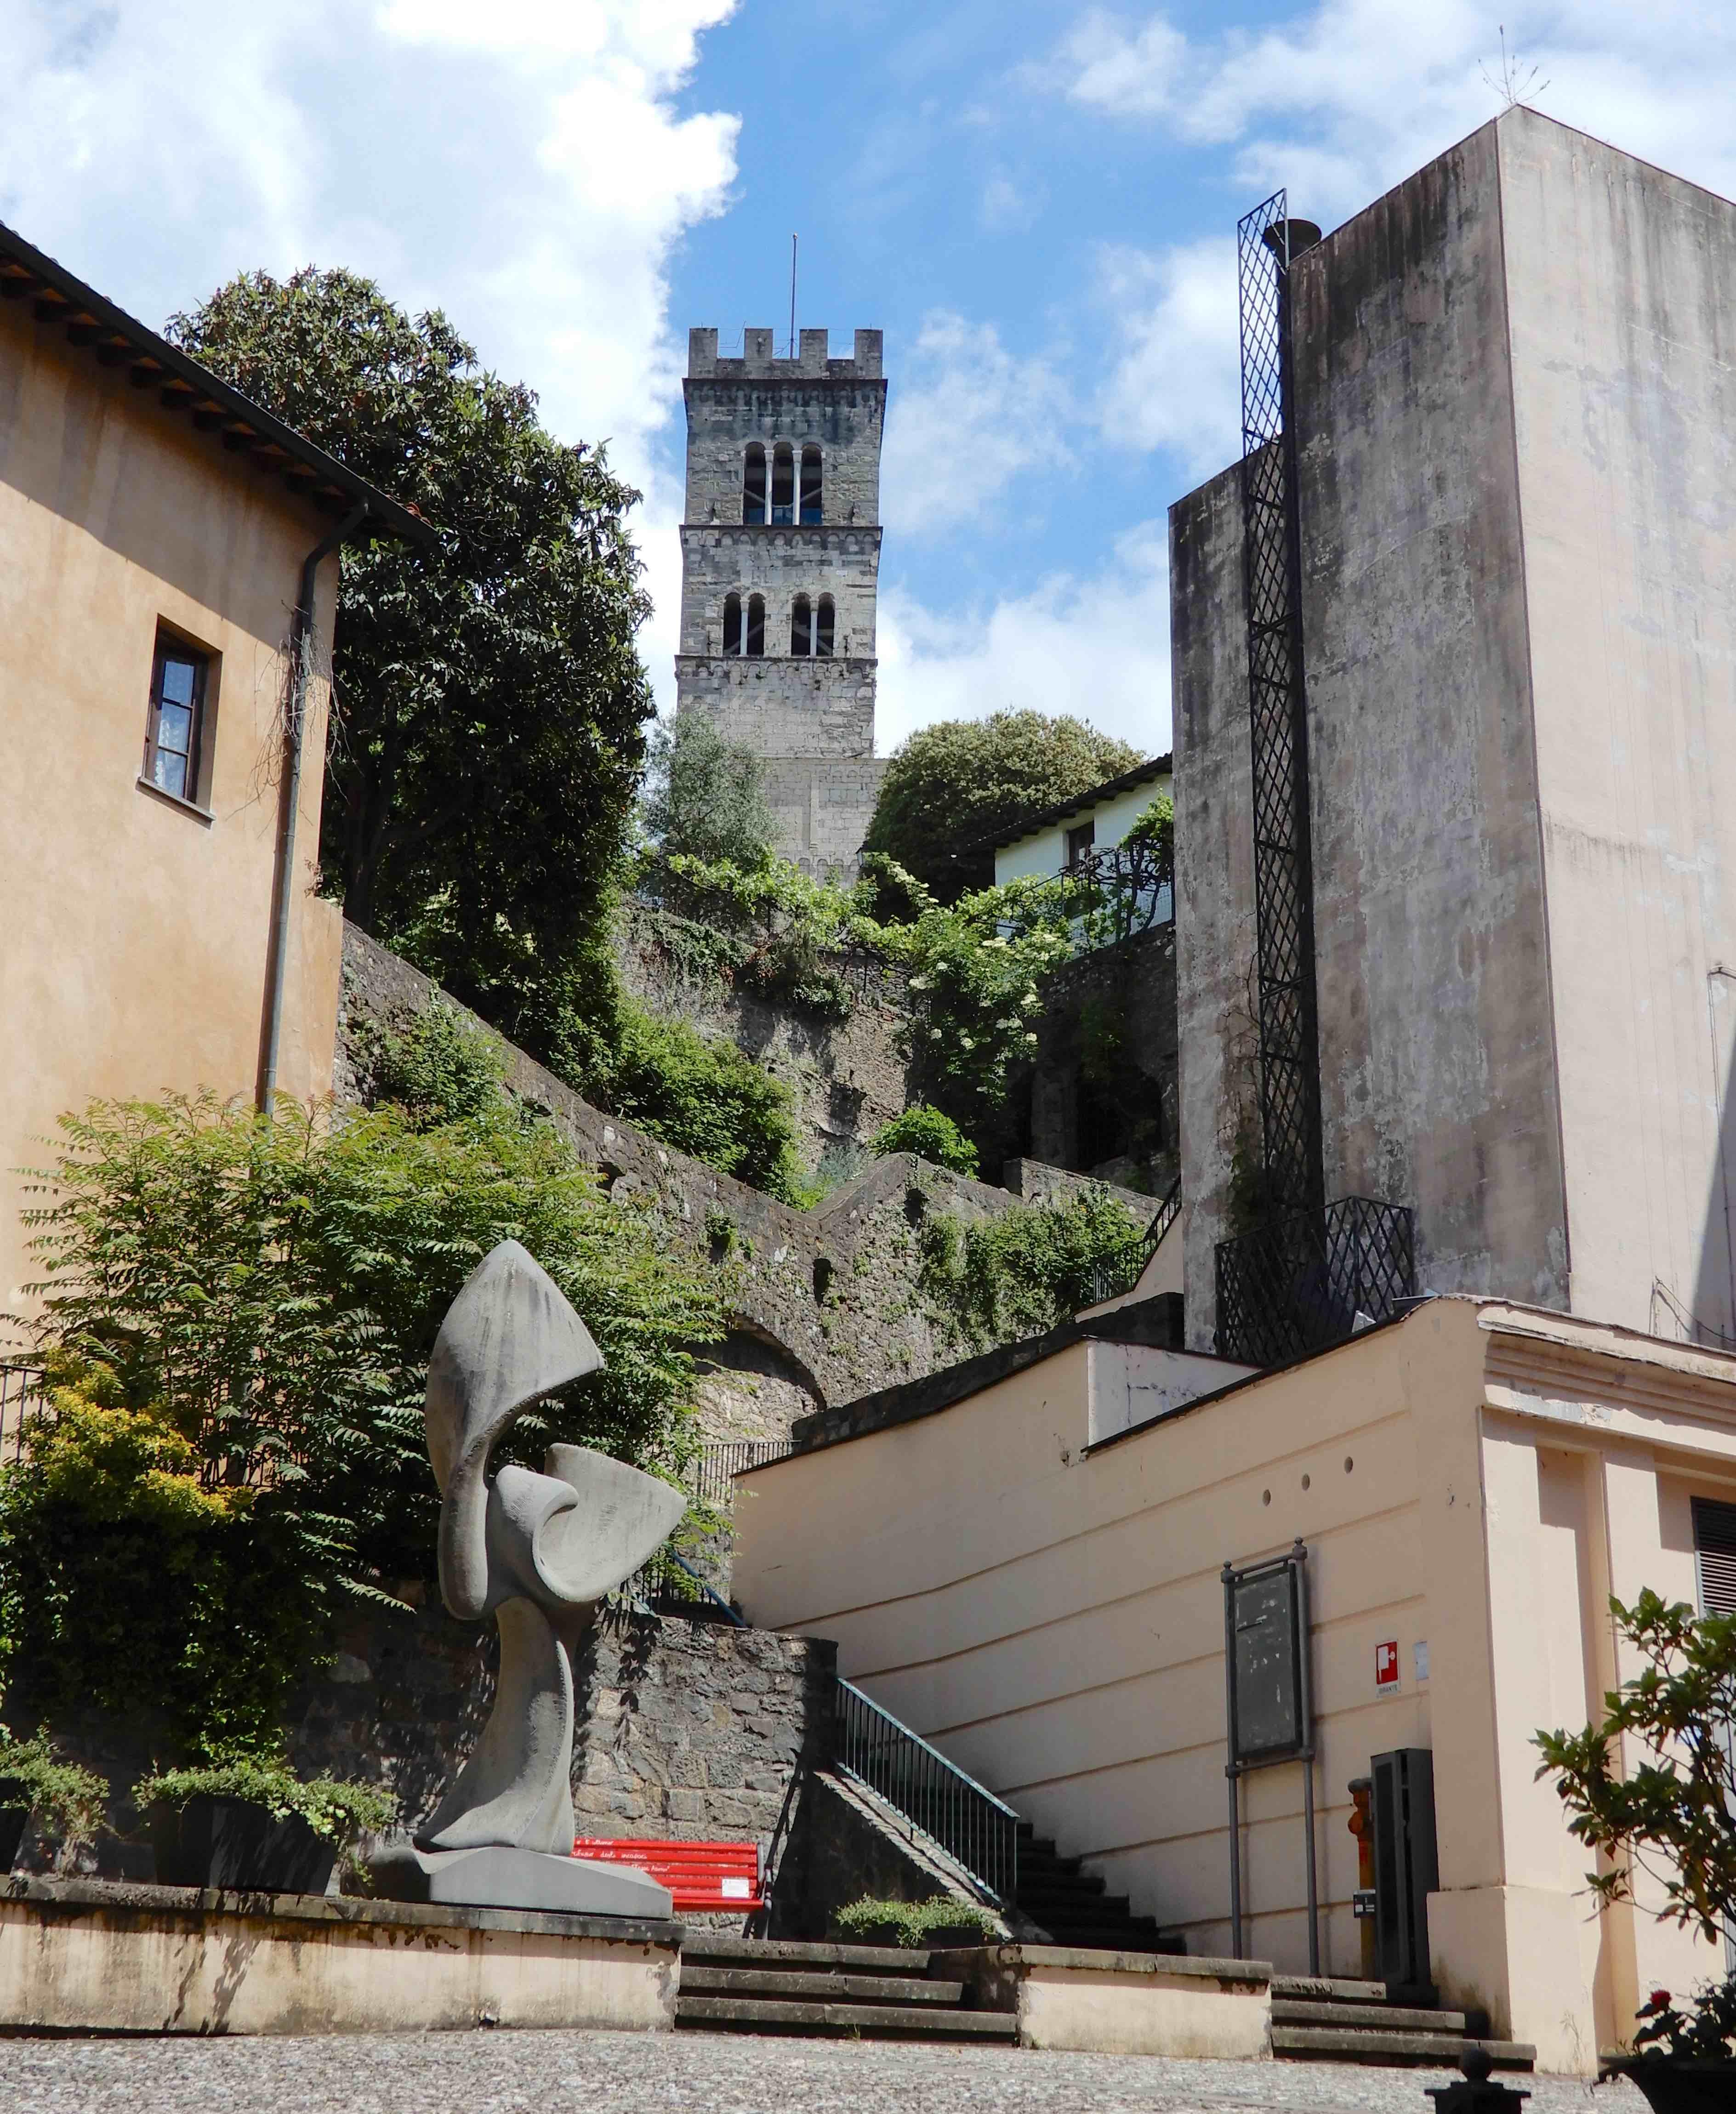 14.Duomo di San Cristoforo